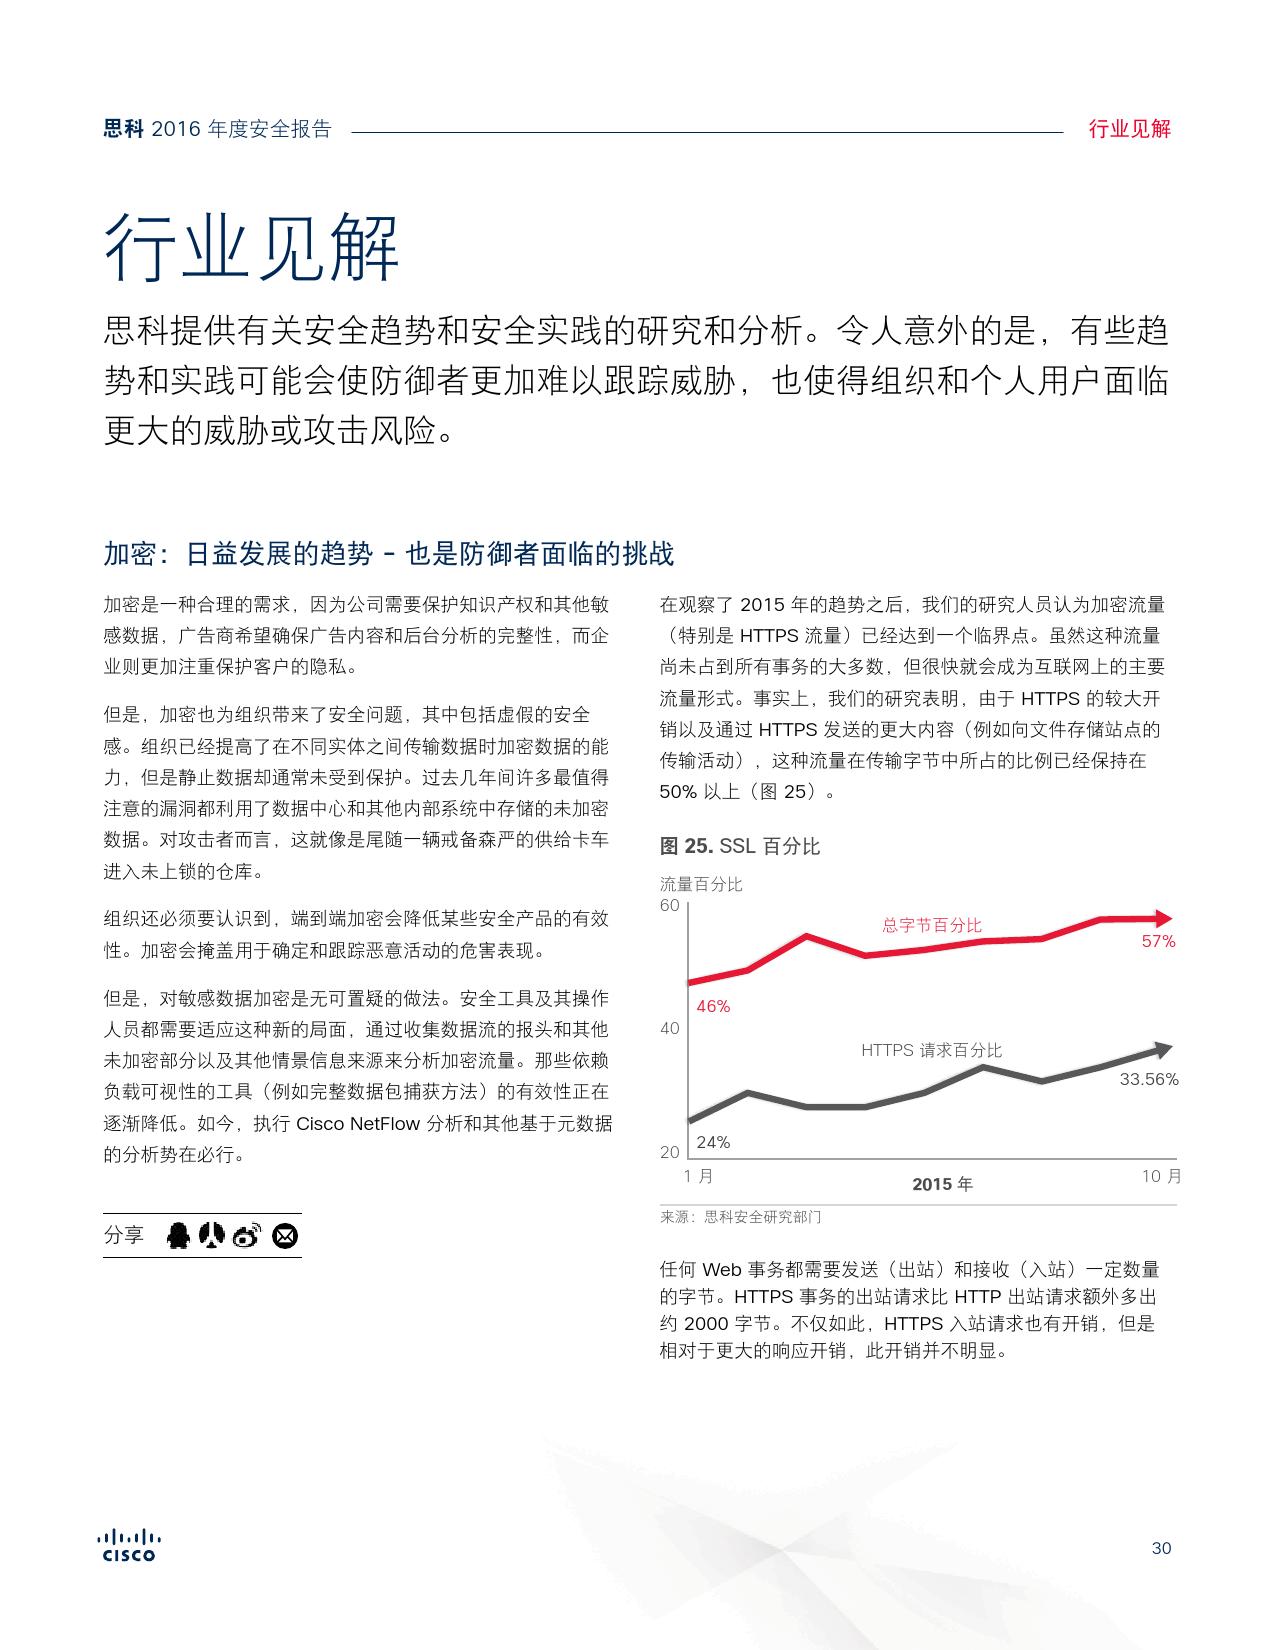 2016年中网络安全报告_000030